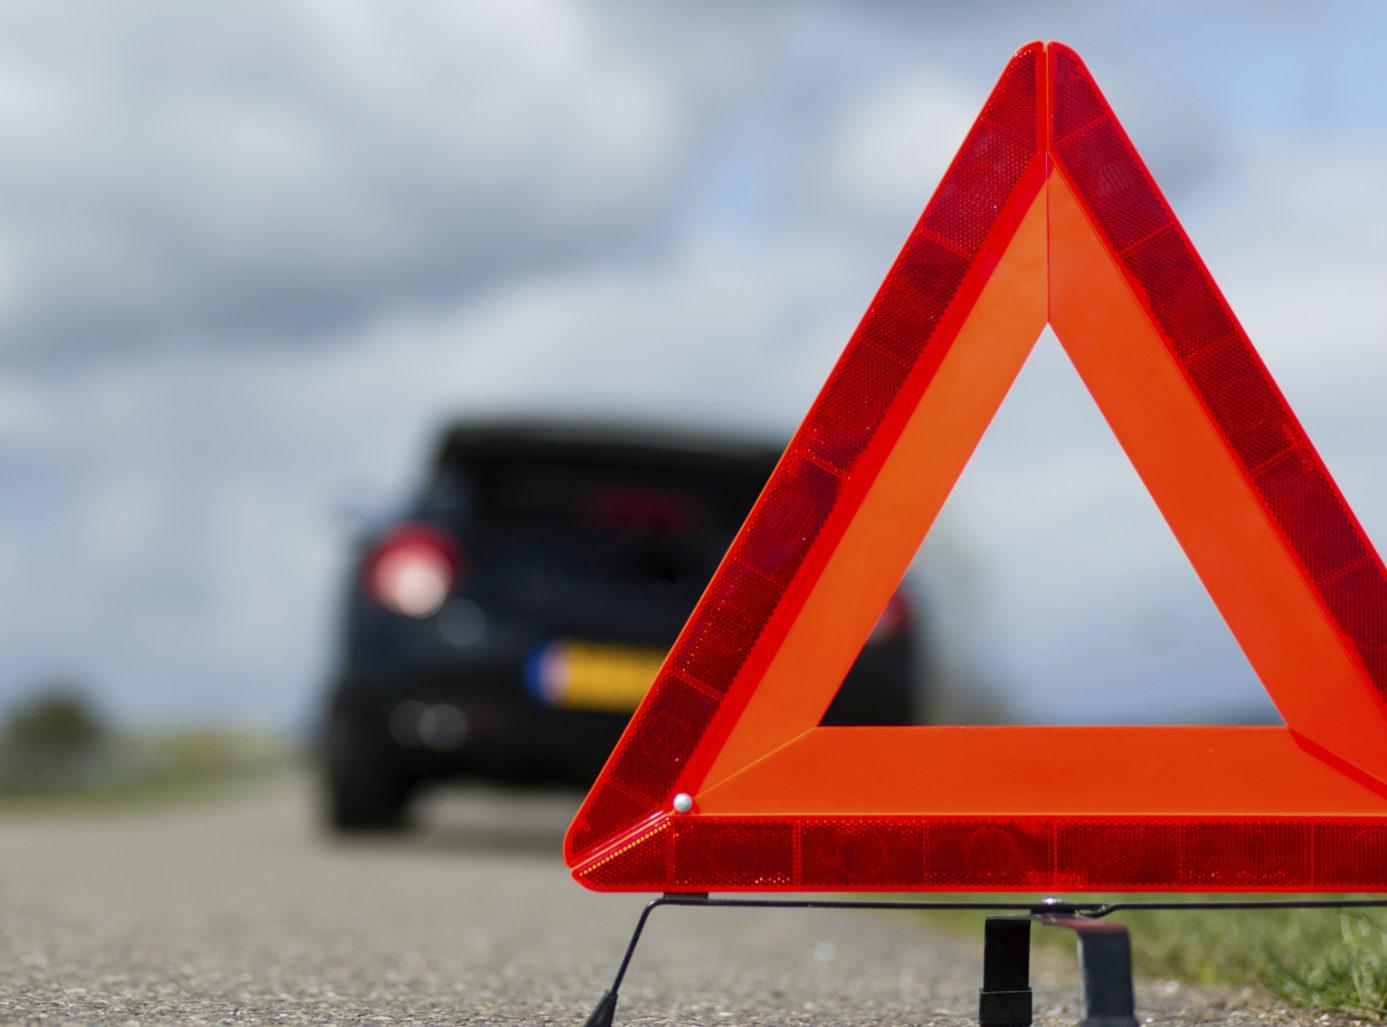 В Адыгее в результате столкновения легковушки и грузовой машины погиб 18-летний пассажир